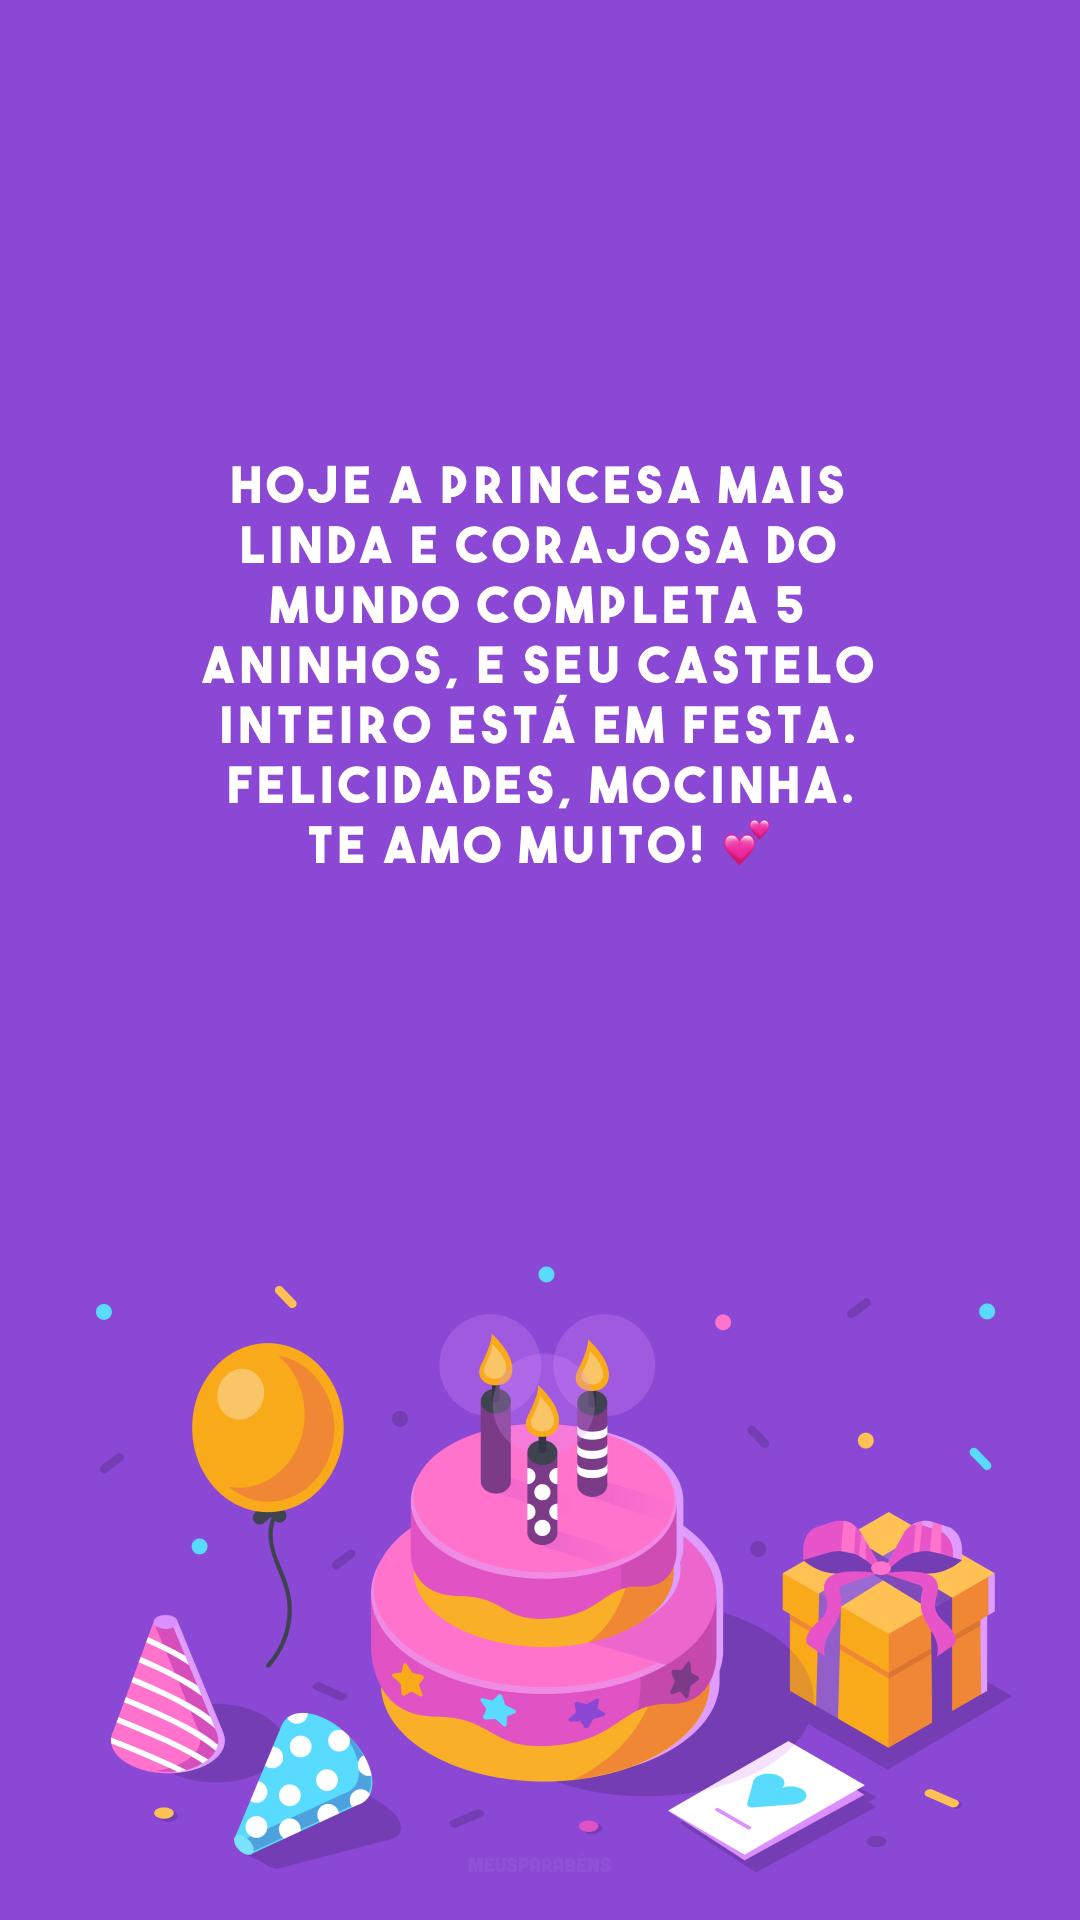 Hoje a princesa mais linda e corajosa do mundo completa 5 aninhos, e seu castelo inteiro está em festa. Felicidades, mocinha. Te amo muito! 💕